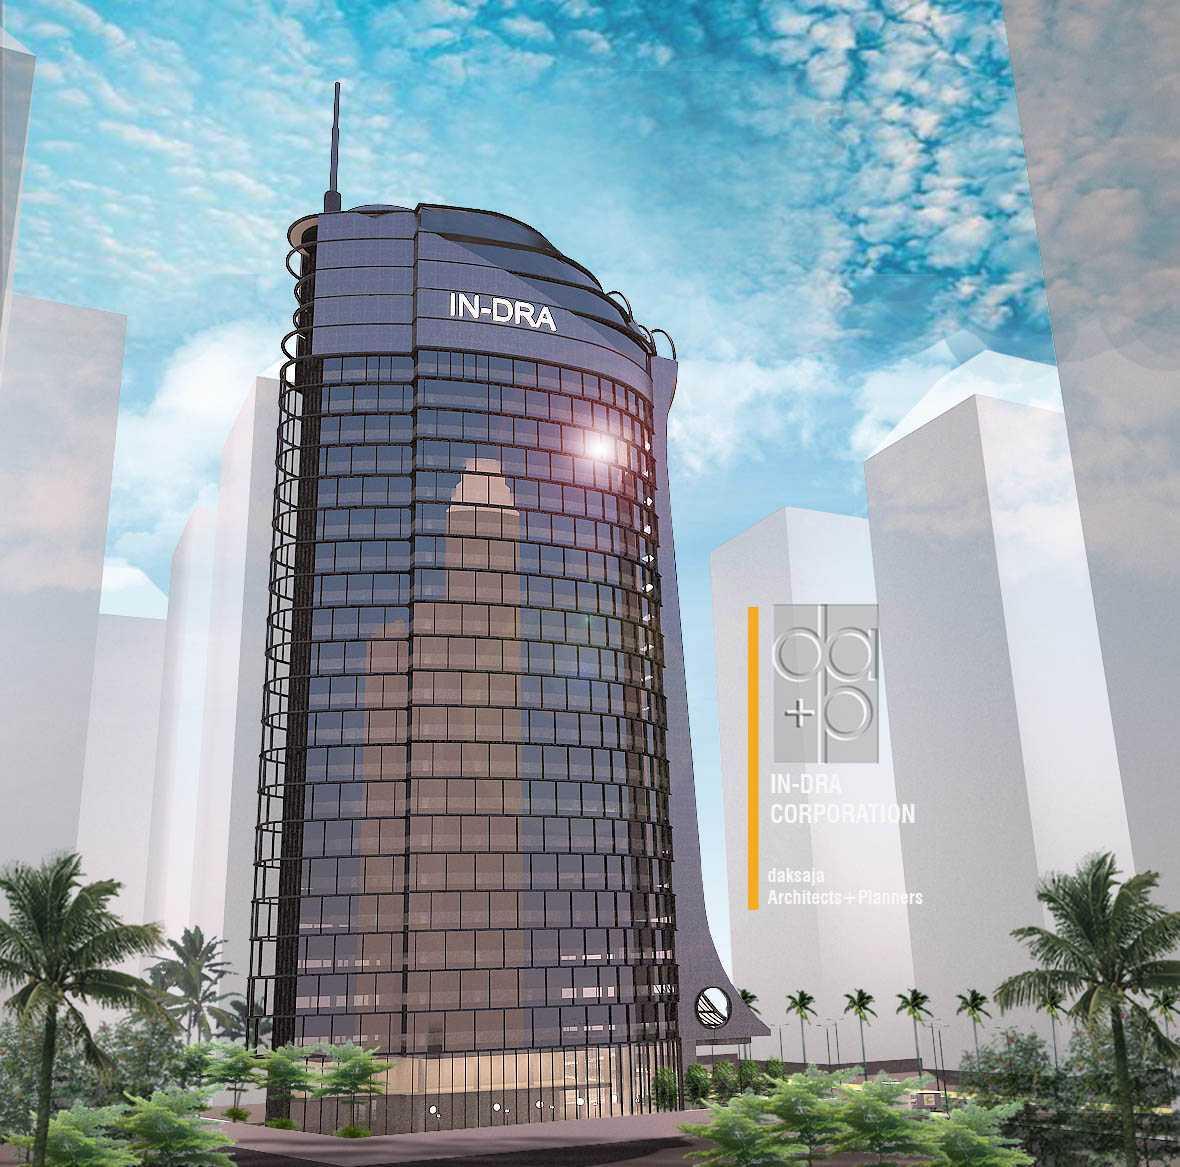 Rully Tanuwidjaja In-Dra Corporation Office Tower Pontianak, Kota Pontianak, Kalimantan Barat, Indonesia Pontianak, Kota Pontianak, Kalimantan Barat, Indonesia Rully-Tanuwidjaja-In-Dra-Corporation-Office-Tower   79278